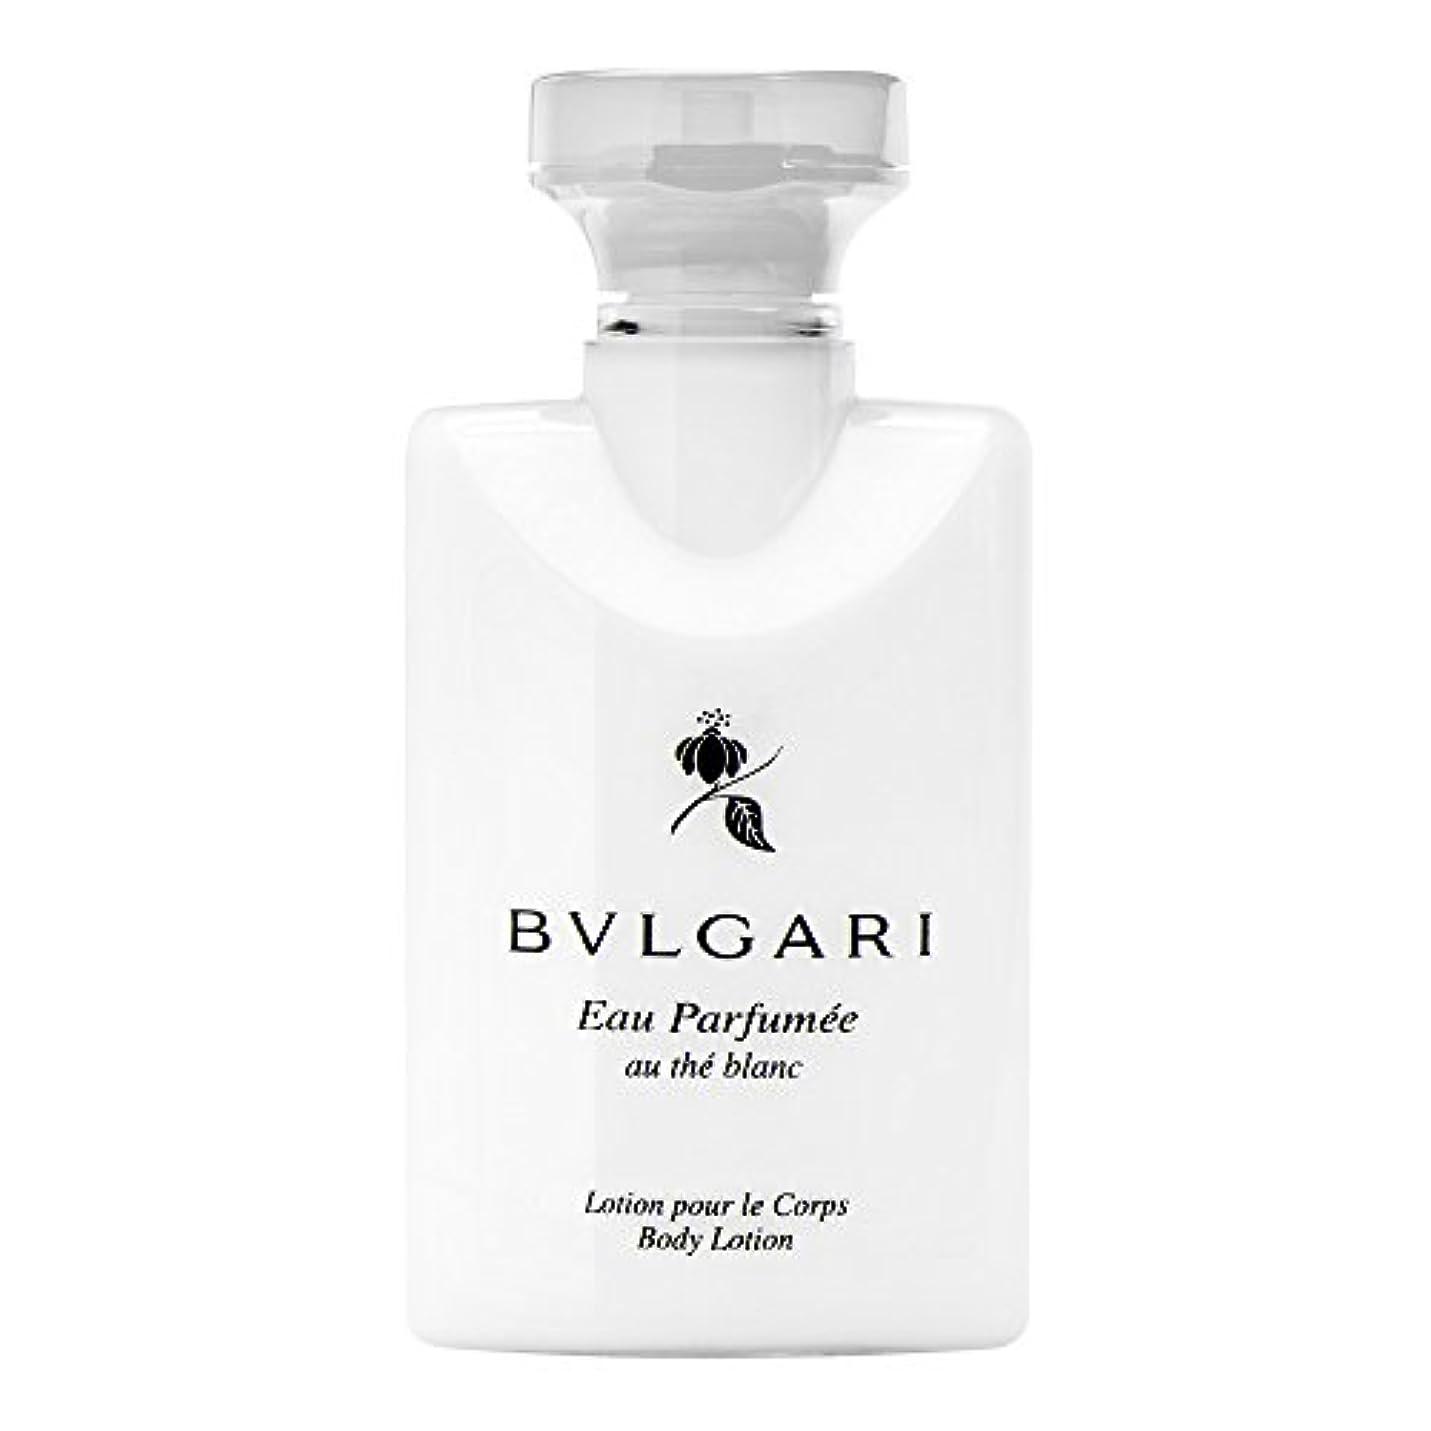 不安定な伝説砂利Bvlgari Eau Parfumee Au The Blanc (ブルガリ オー パフュ-メ オウ ブラン) 2.5 oz (75ml) Body Lotion ボディーローション